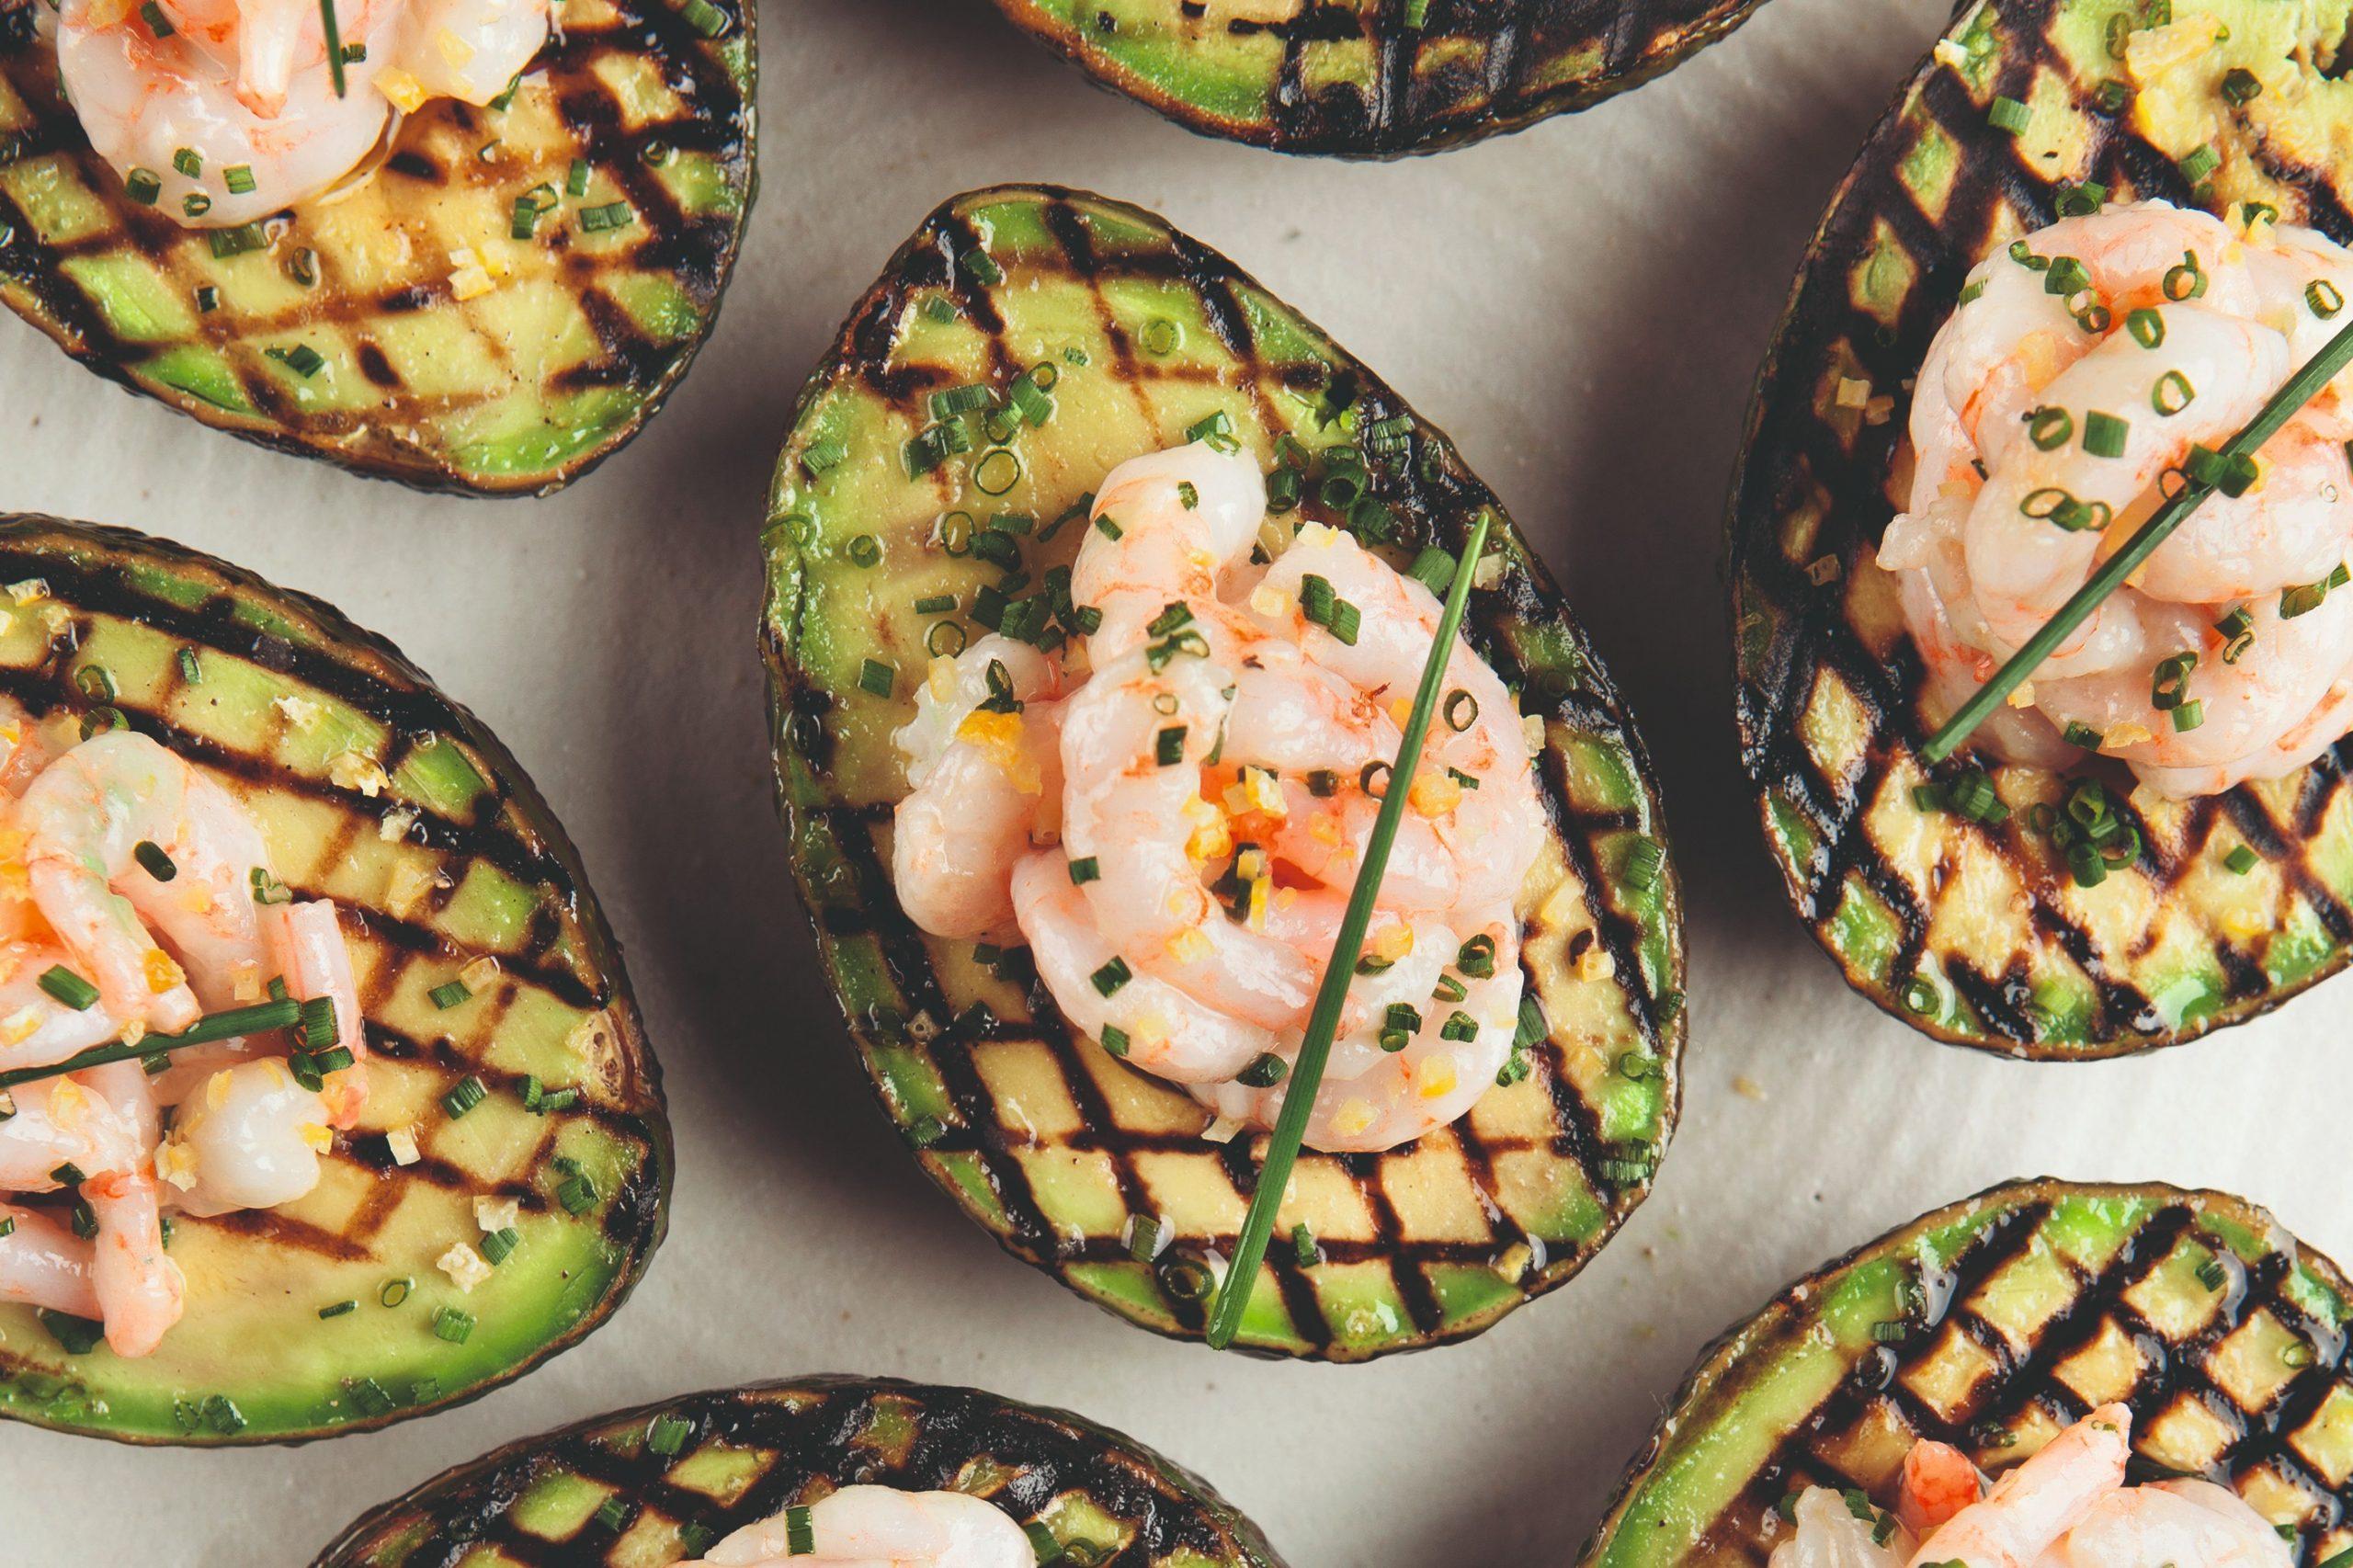 Araxi shrimp in grilled avocado